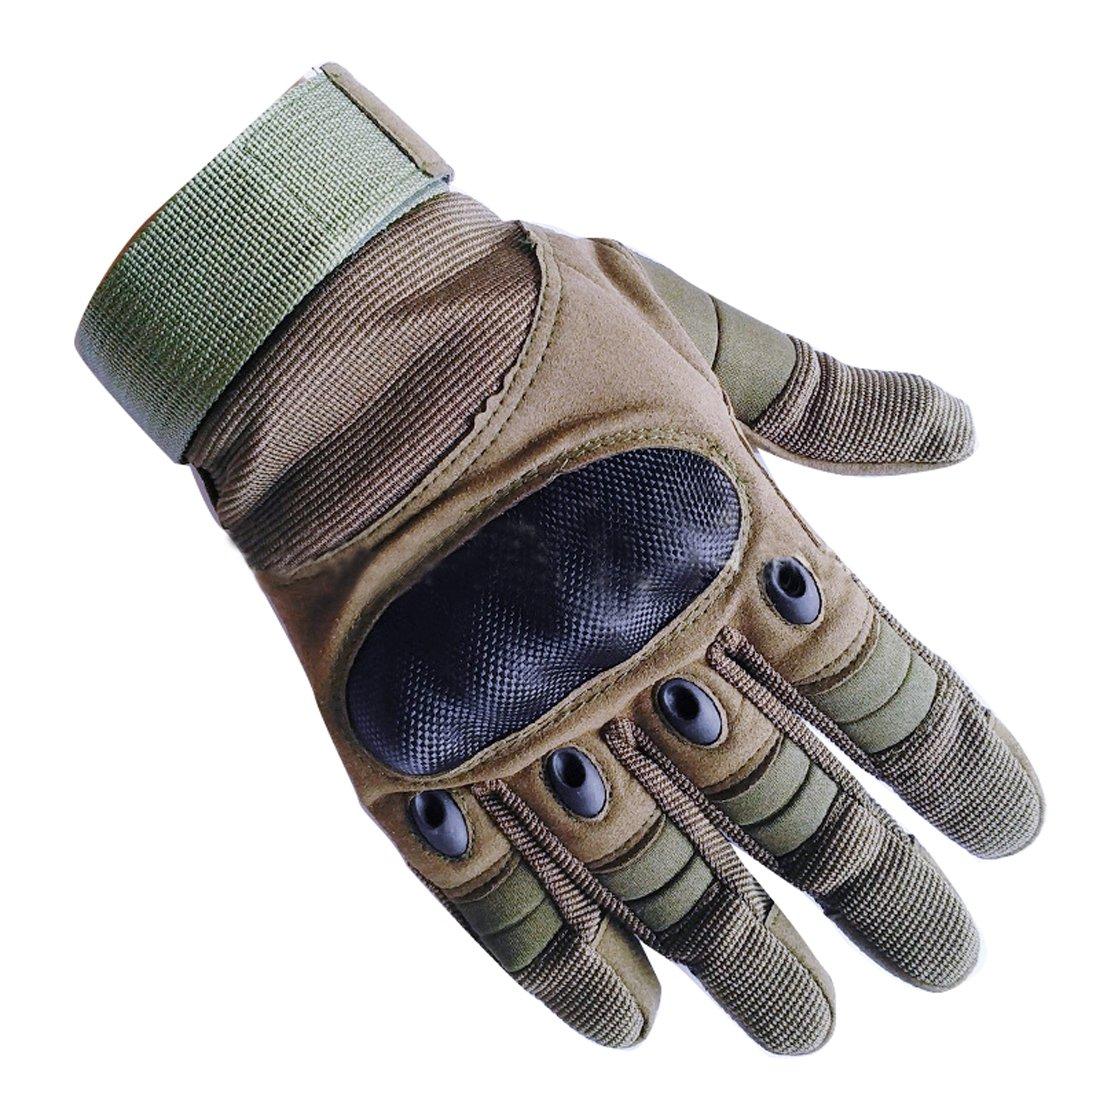 アップグレードメンズフルフィンガータクティカルミリタリーオートバイサイクリンググローブ登山ハイキングハンティングアウトドアスポーツスマート手袋をHi Suyi B075H8C73C アーミーグリーン X-Large X-Large|アーミーグリーン